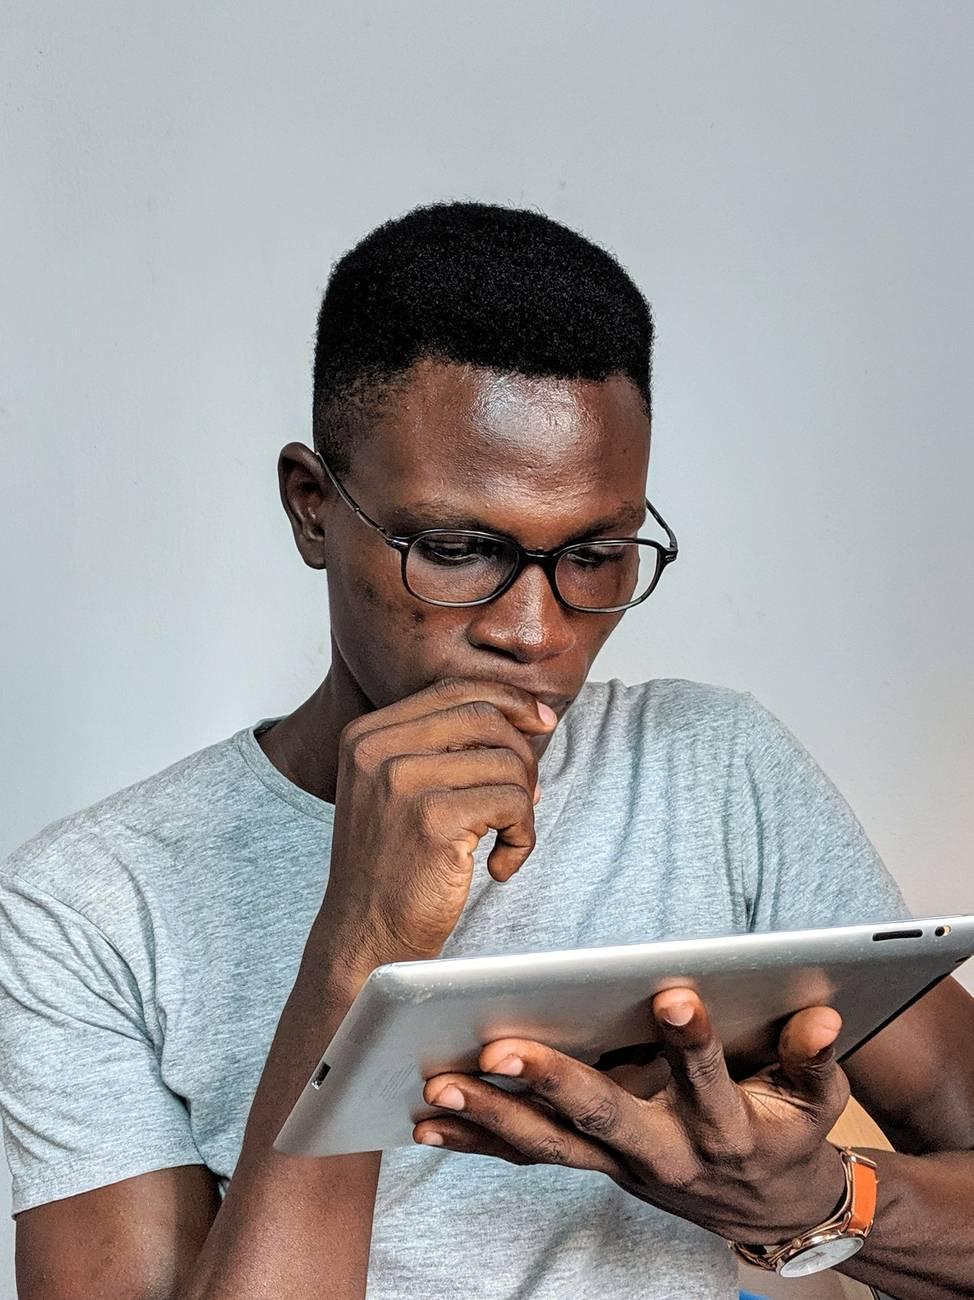 man looking at ipad pro